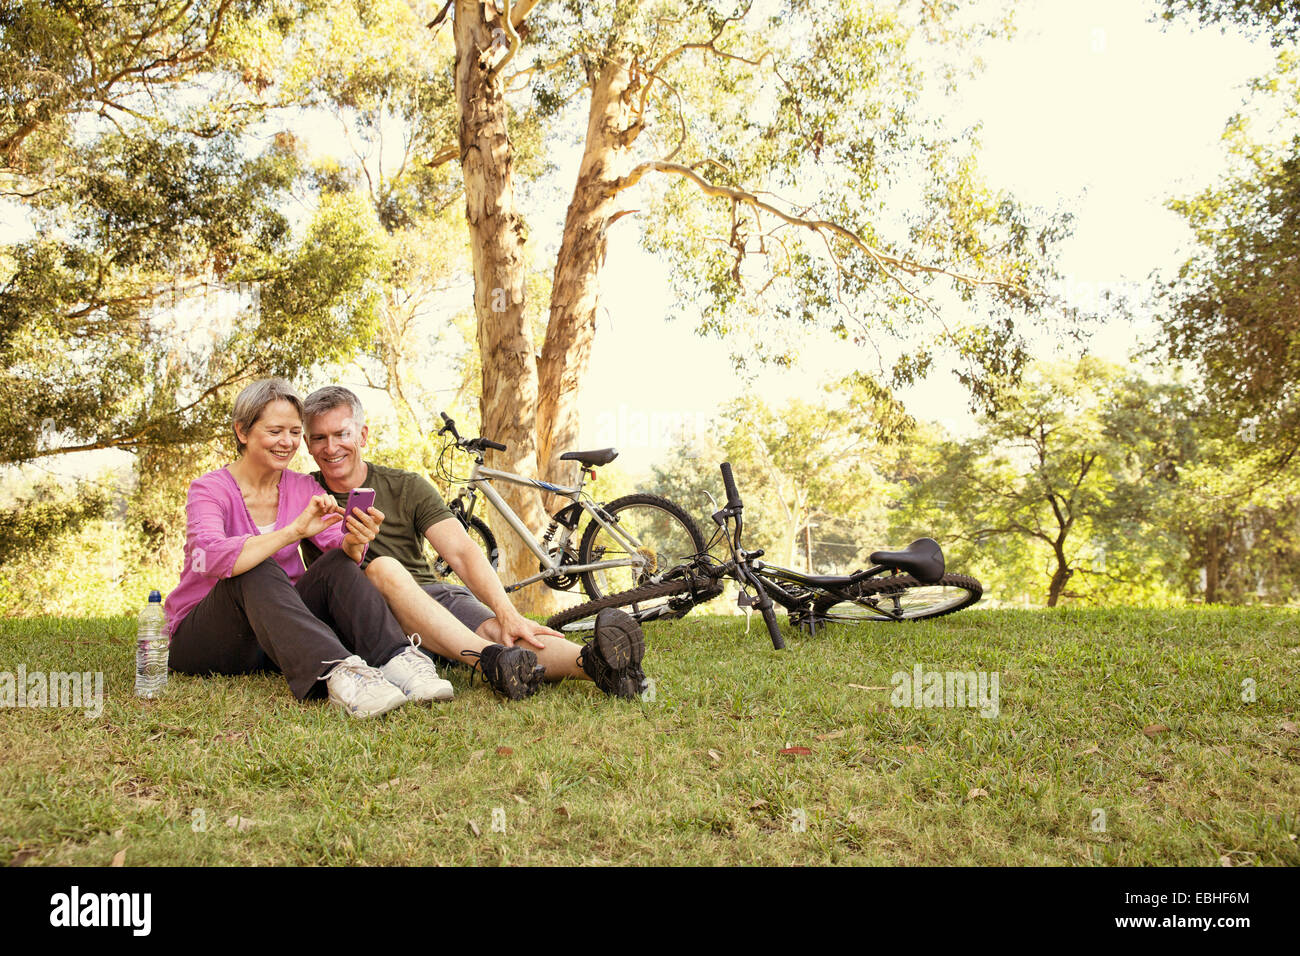 Reifen Fahrrad paar sitzt im Park Blick auf smartphone Stockbild